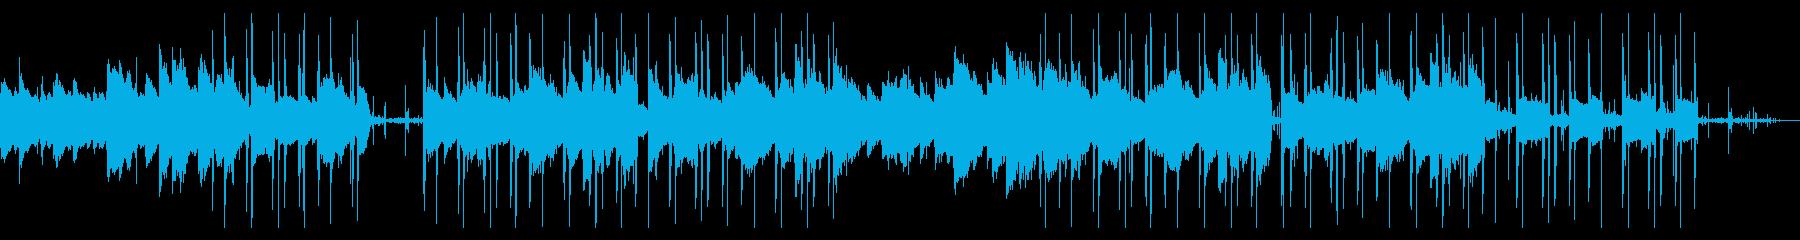 幻想的なエレピのチル・ヒップホップの再生済みの波形